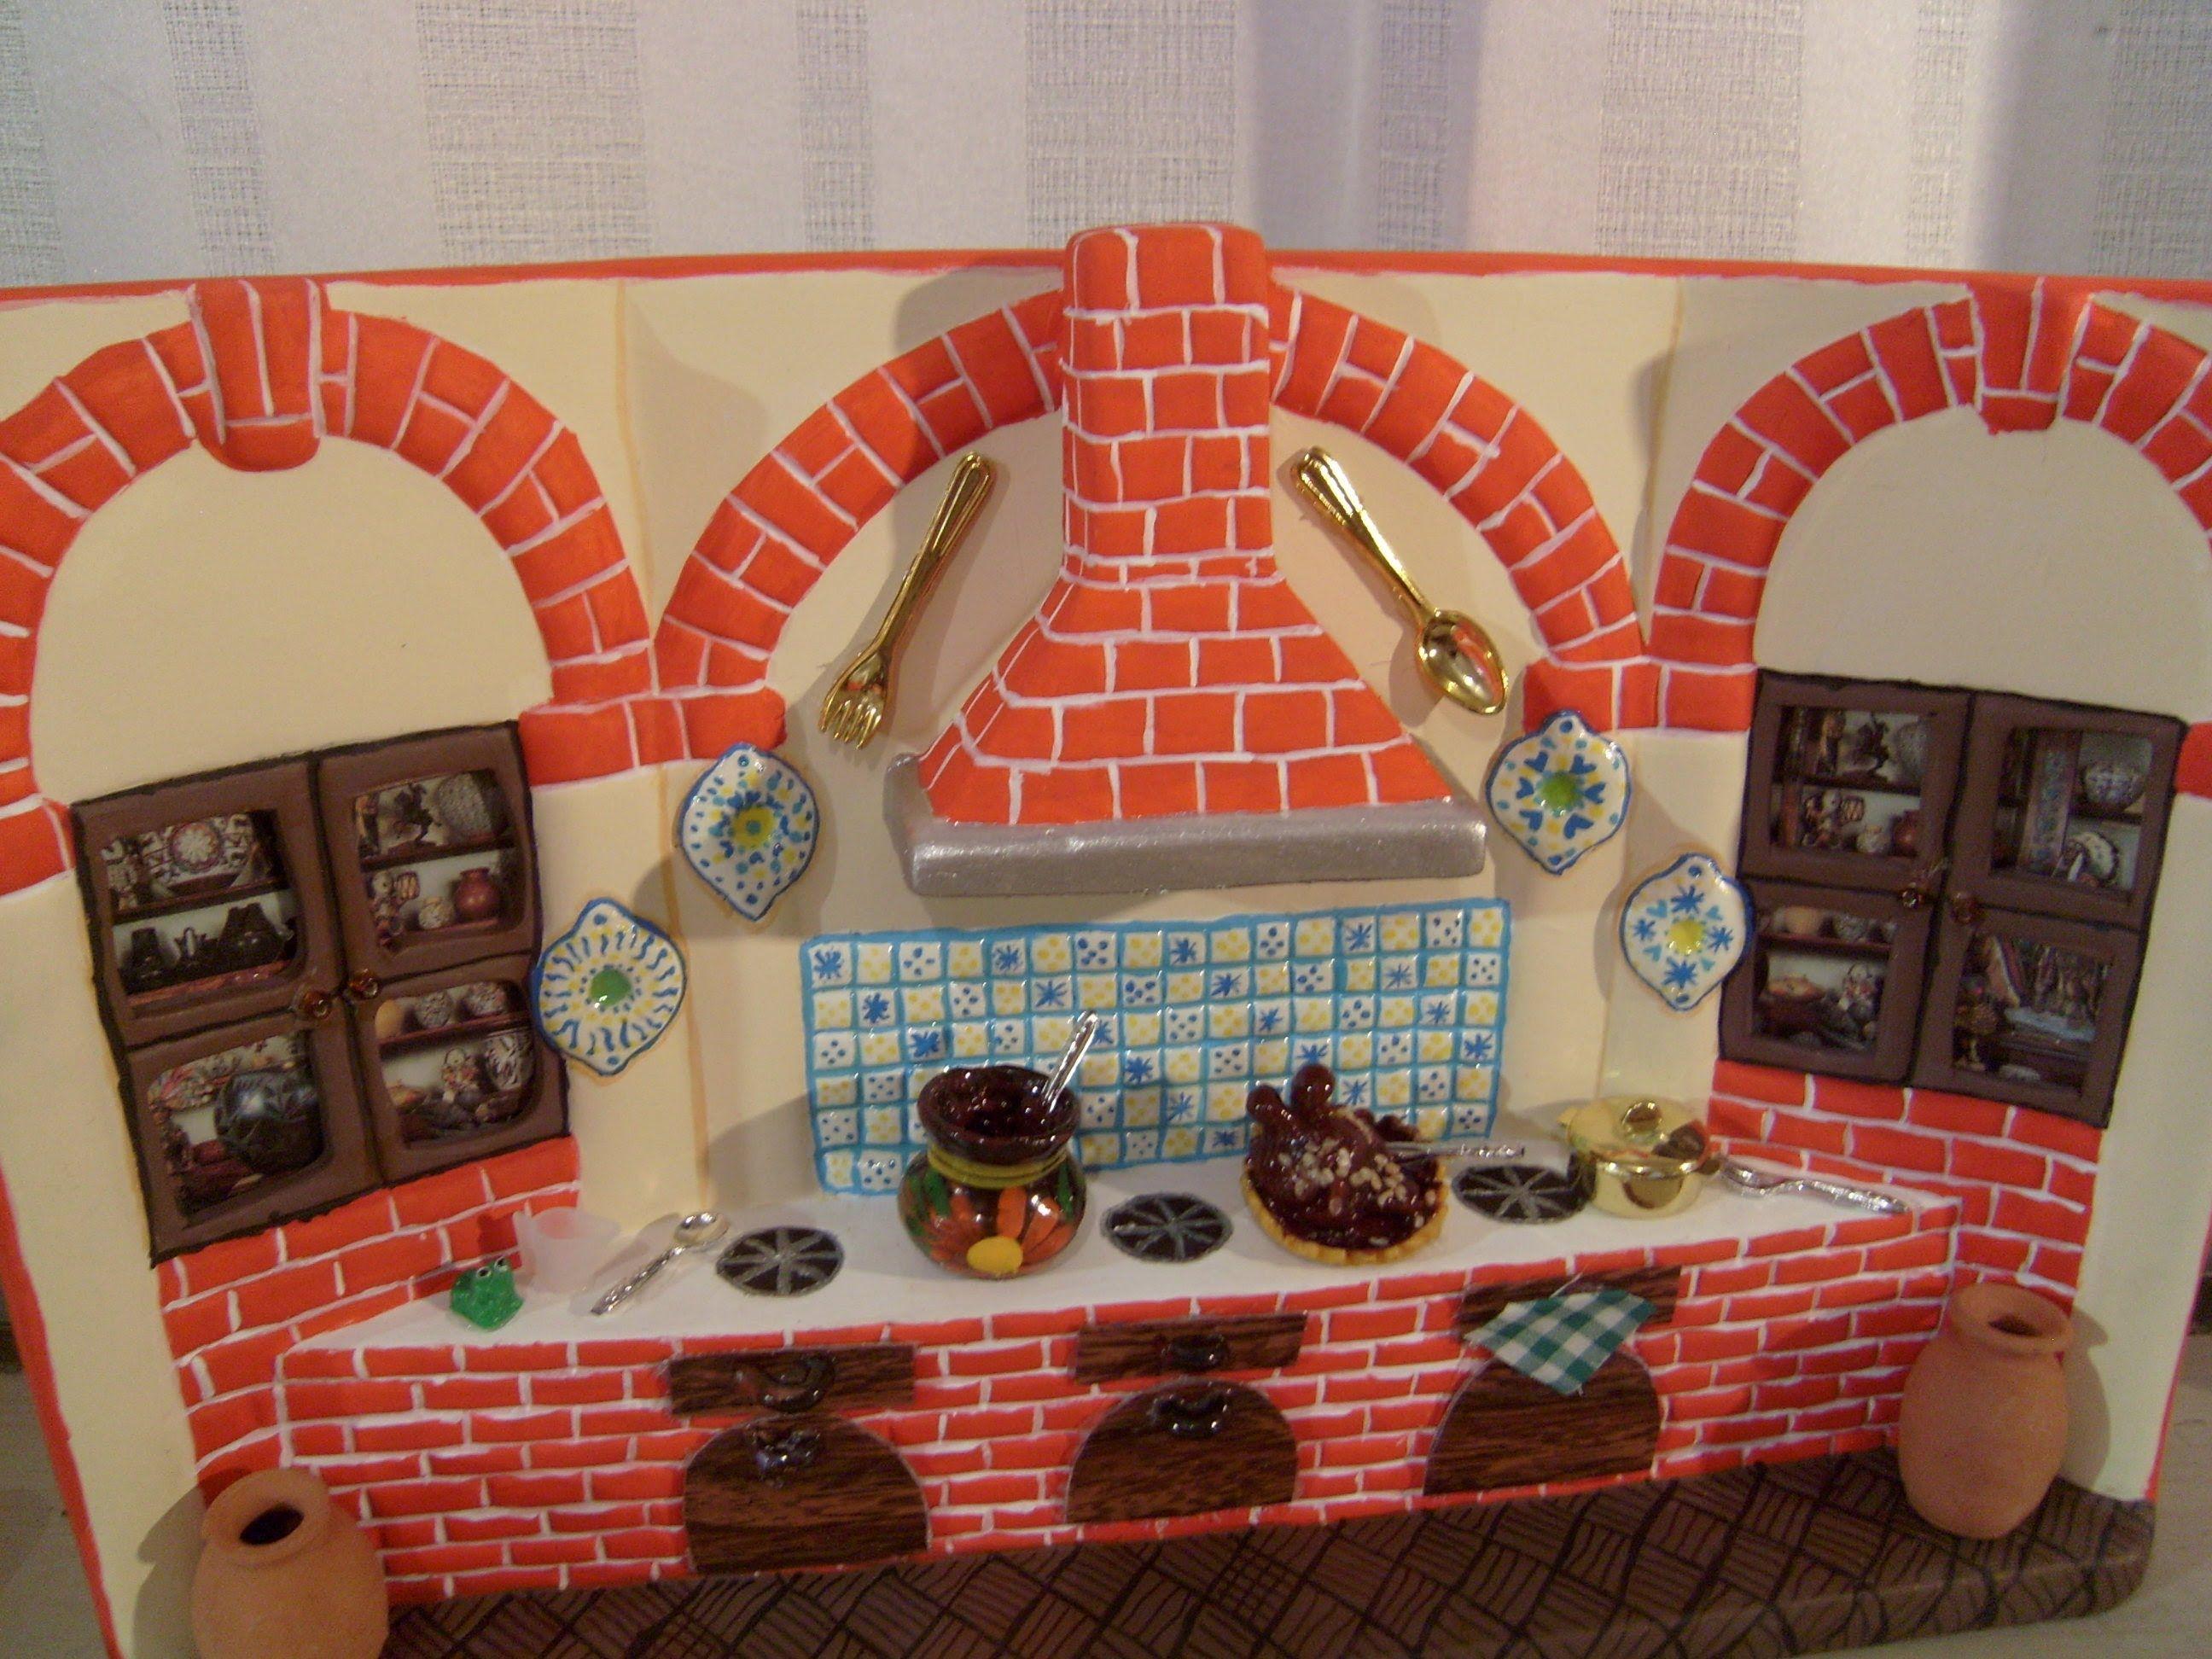 Hermoso Cocinas Talavera Fotos Mil Anuncios Com Talavera  # Muebles Lainar Talavera Dela Reina